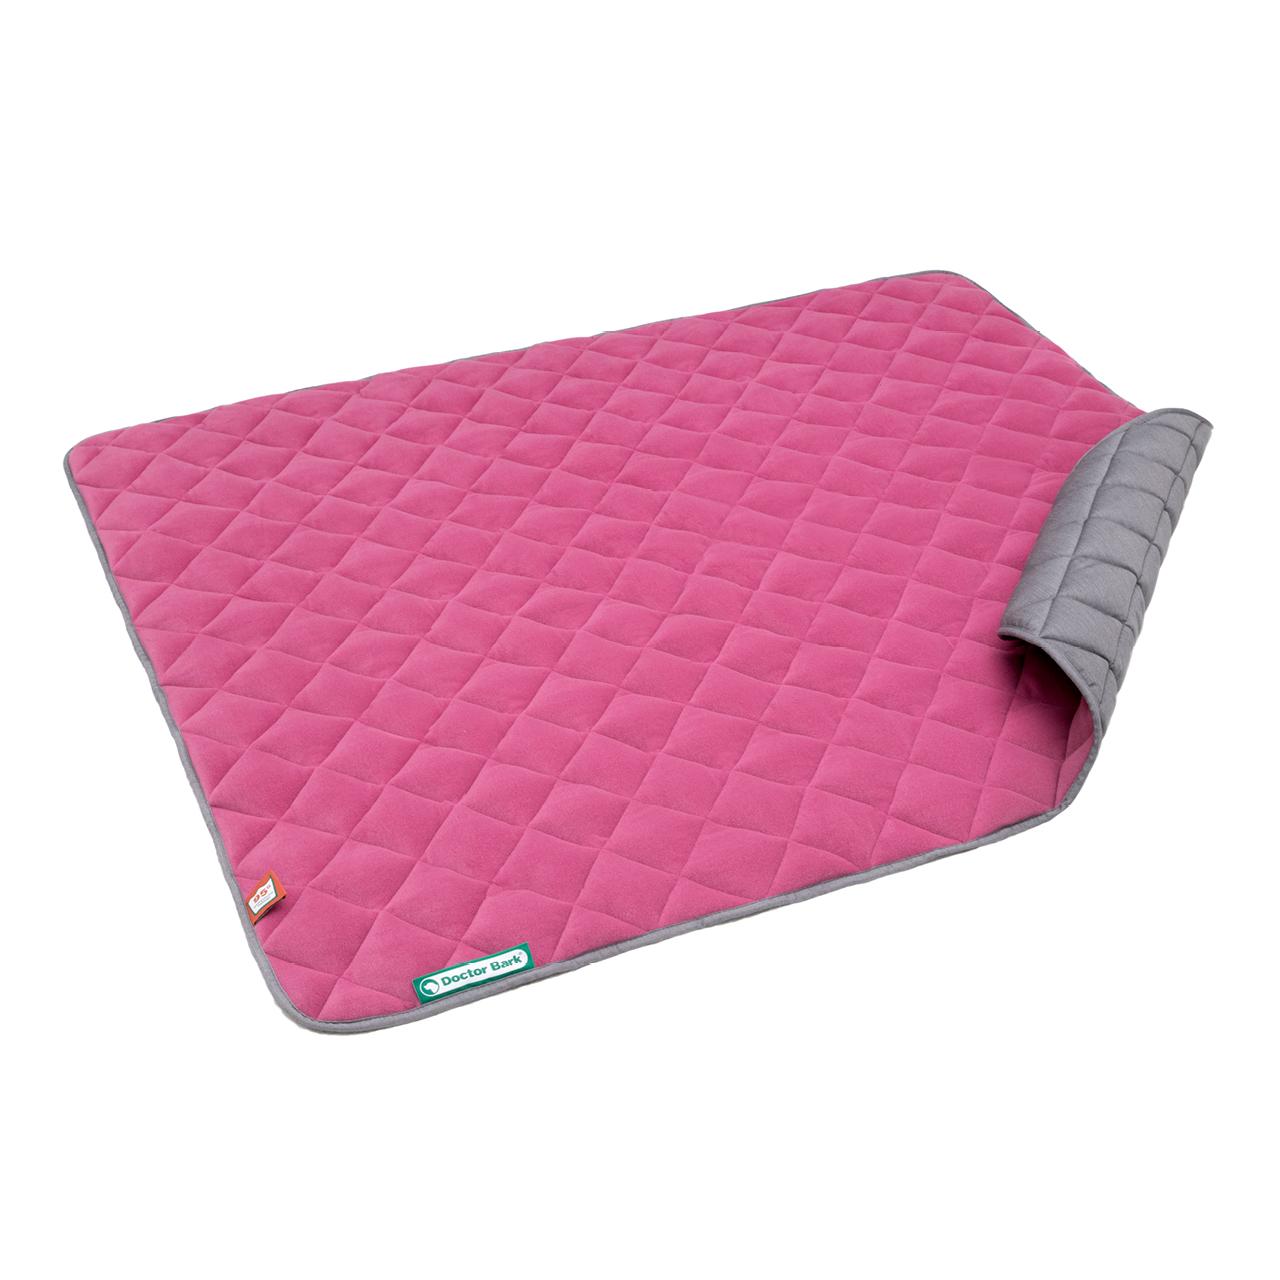 Fleece Steppdecke hot pink - hellgrau XXL